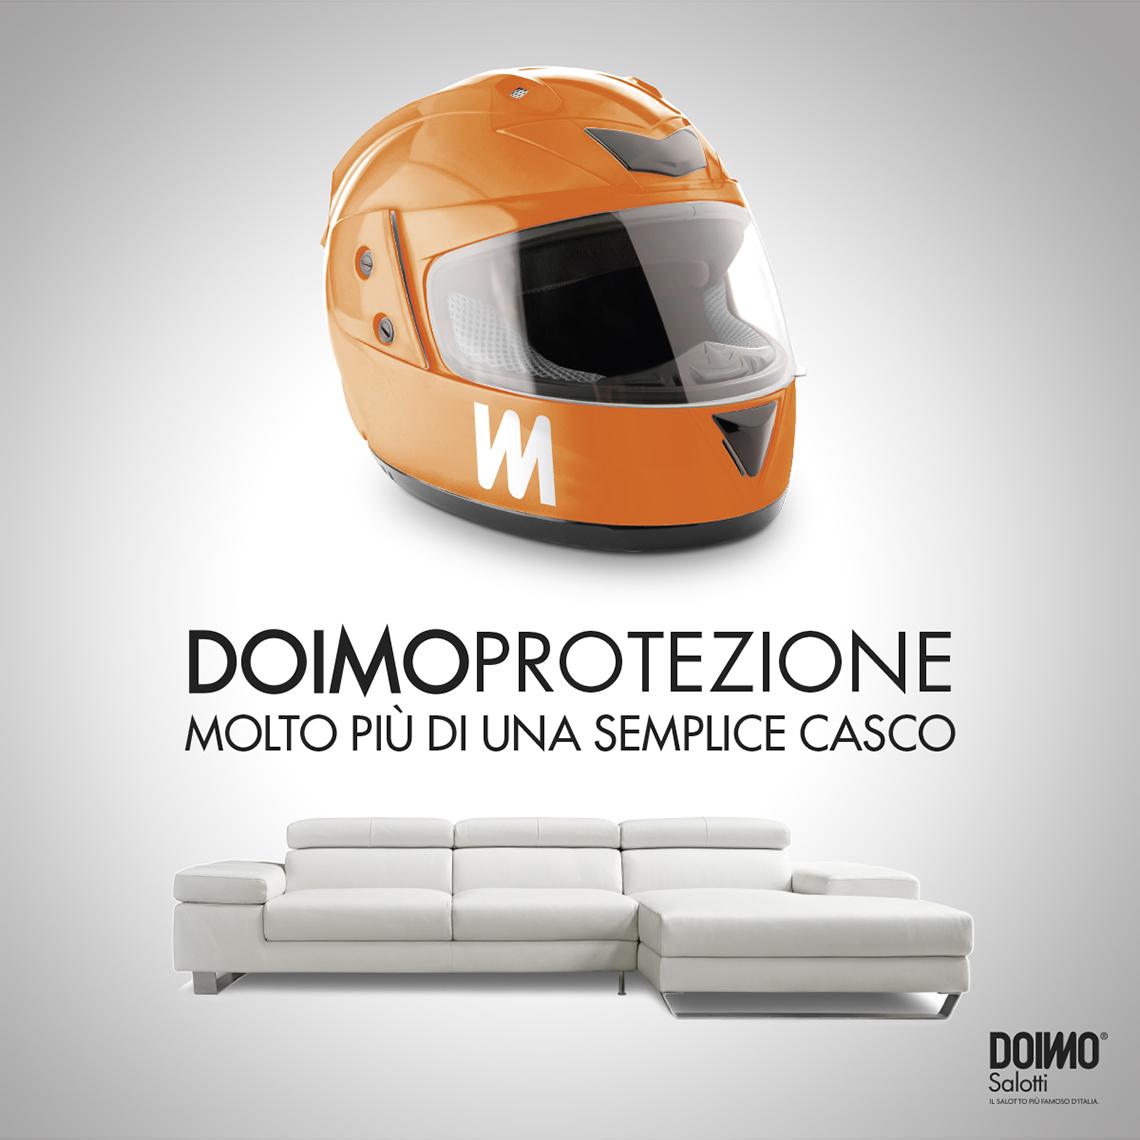 CGA-Adv-Doimo-Casco-01